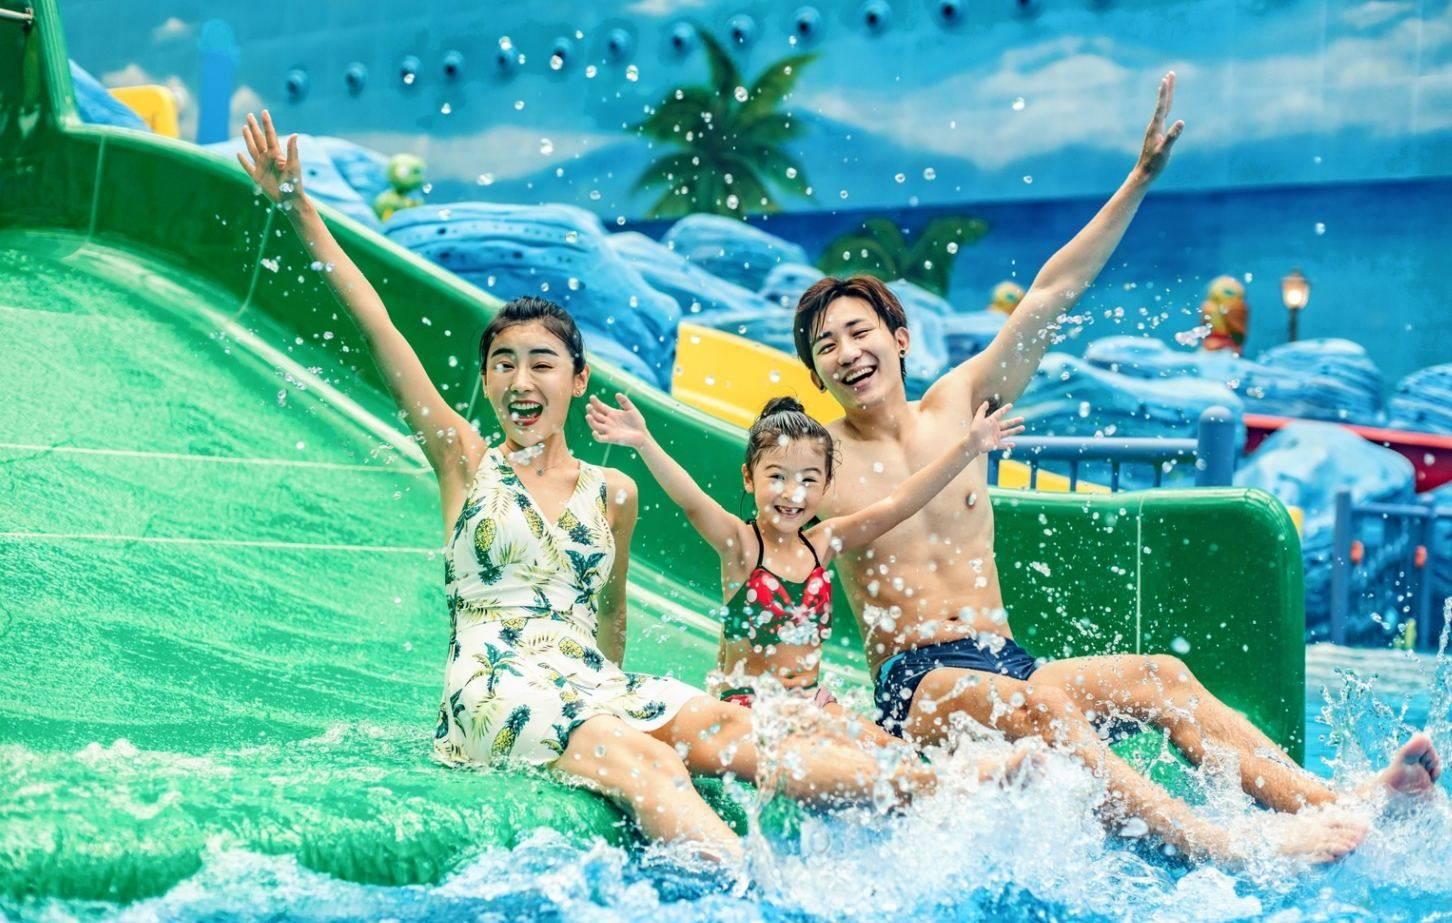 【广州花都】暑假专场!限7月周末使用,199元秒杀融创水世界早场2大1小家庭门票1张,尽享清凉暑假